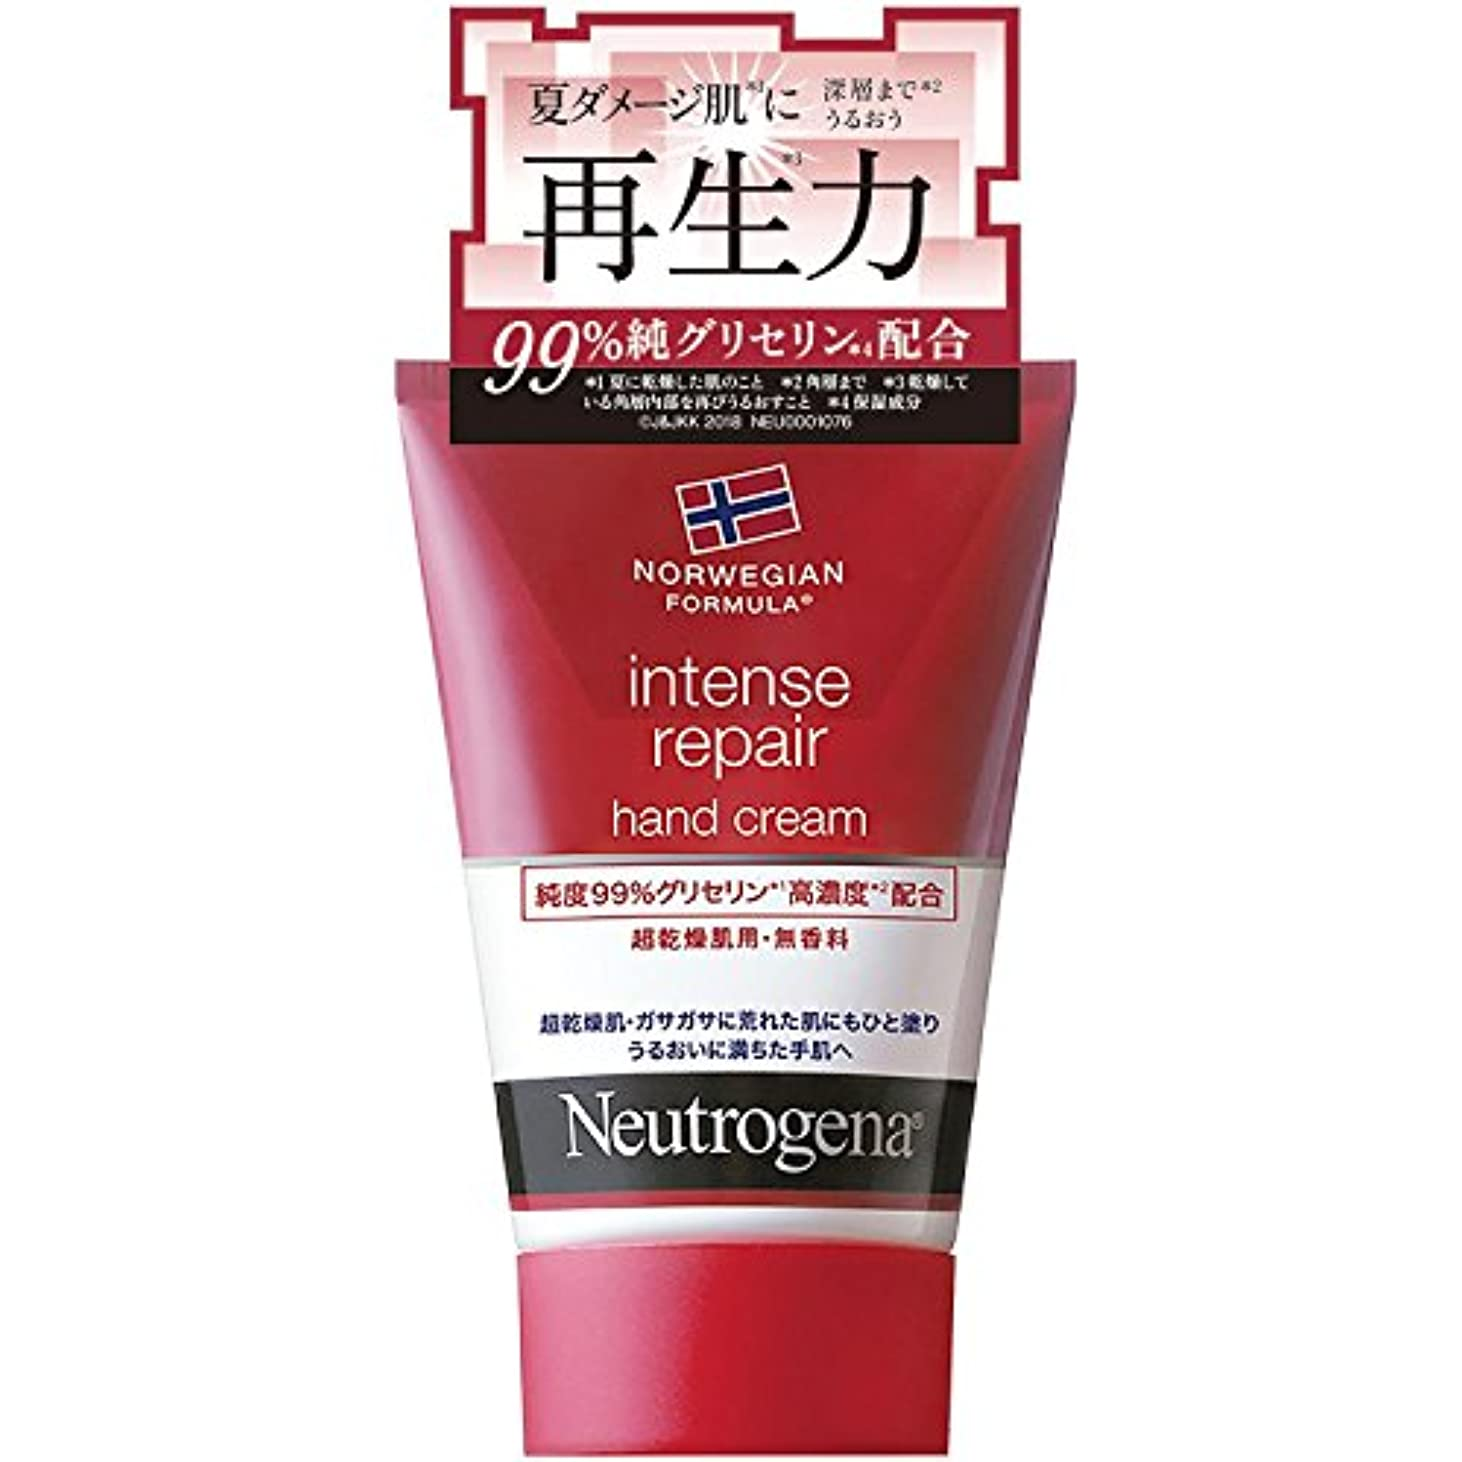 ひどい格差法令Neutrogena(ニュートロジーナ) ノルウェーフォーミュラ インテンスリペア ハンドクリーム 超乾燥肌用 無香料 単品 50g